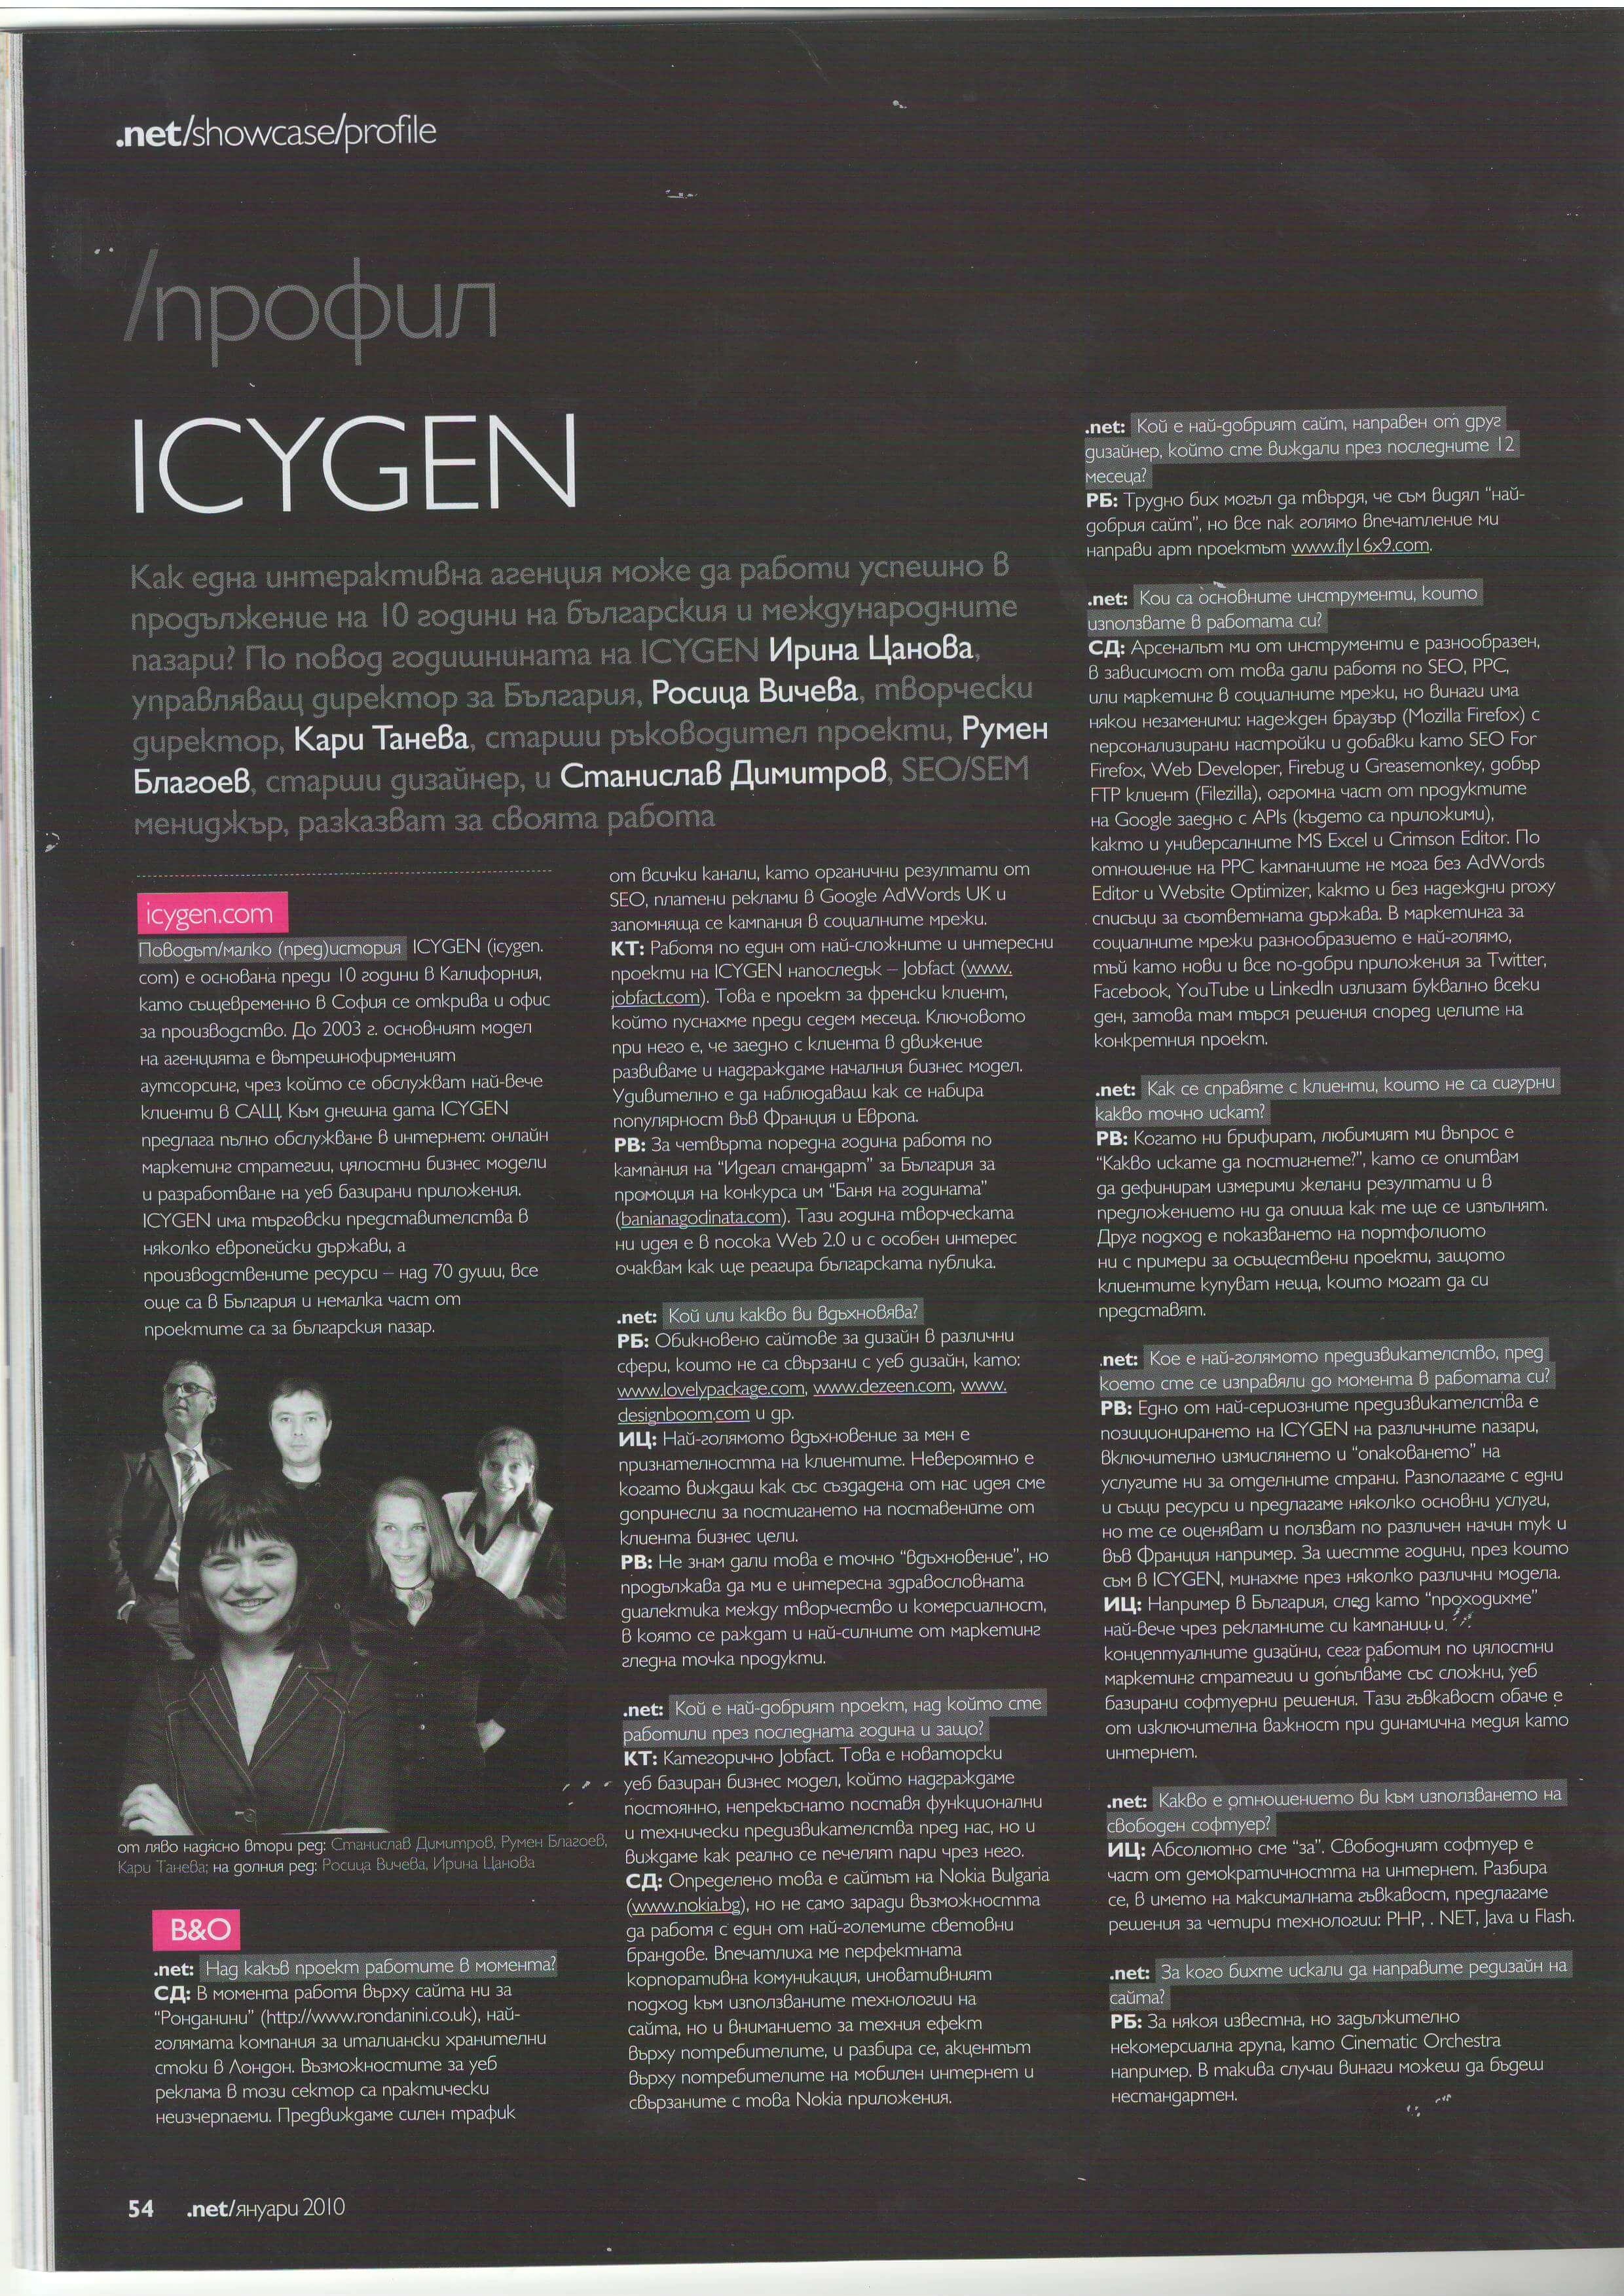 ICYGEN_Profile NET1